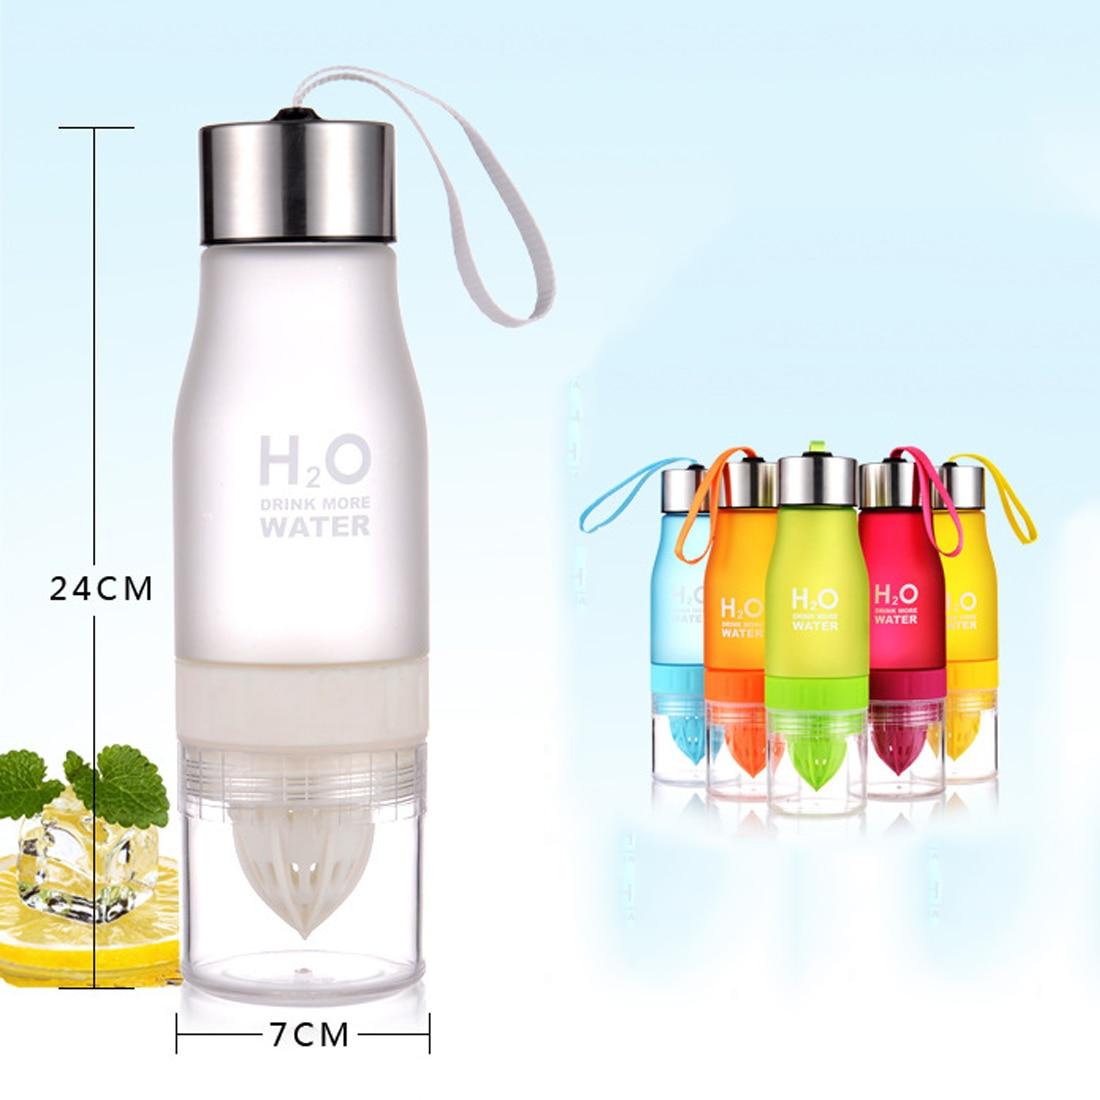 Venta caliente 700 ml botella de agua H20 plástico infusión de fruta infuser bebida deportes al aire libre jugo Lemon agua portátil